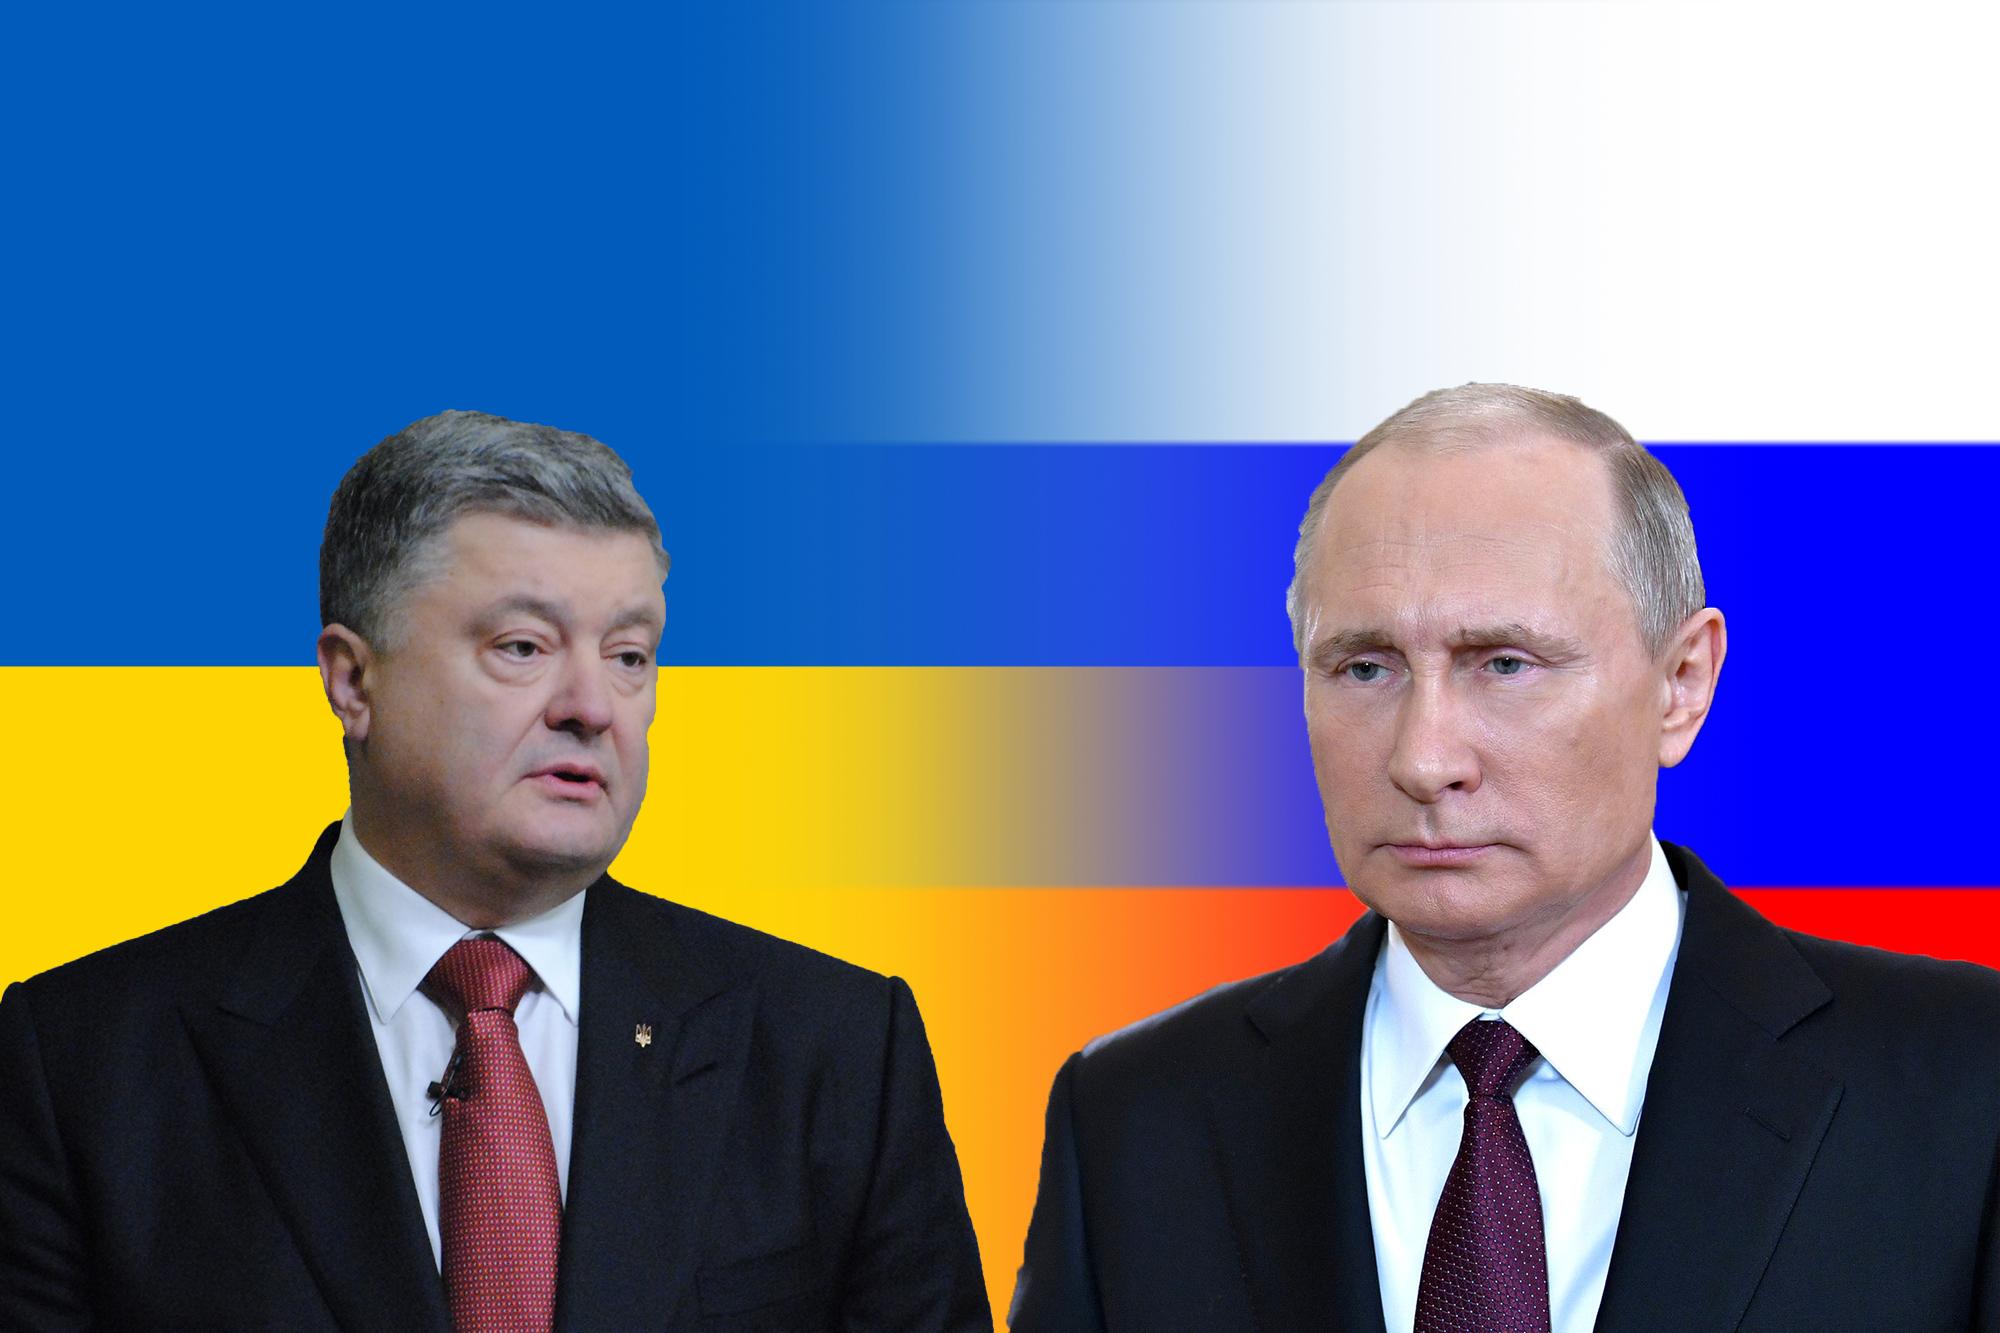 Bilder: flickr.com/chathamhouse und Kremlin.ru